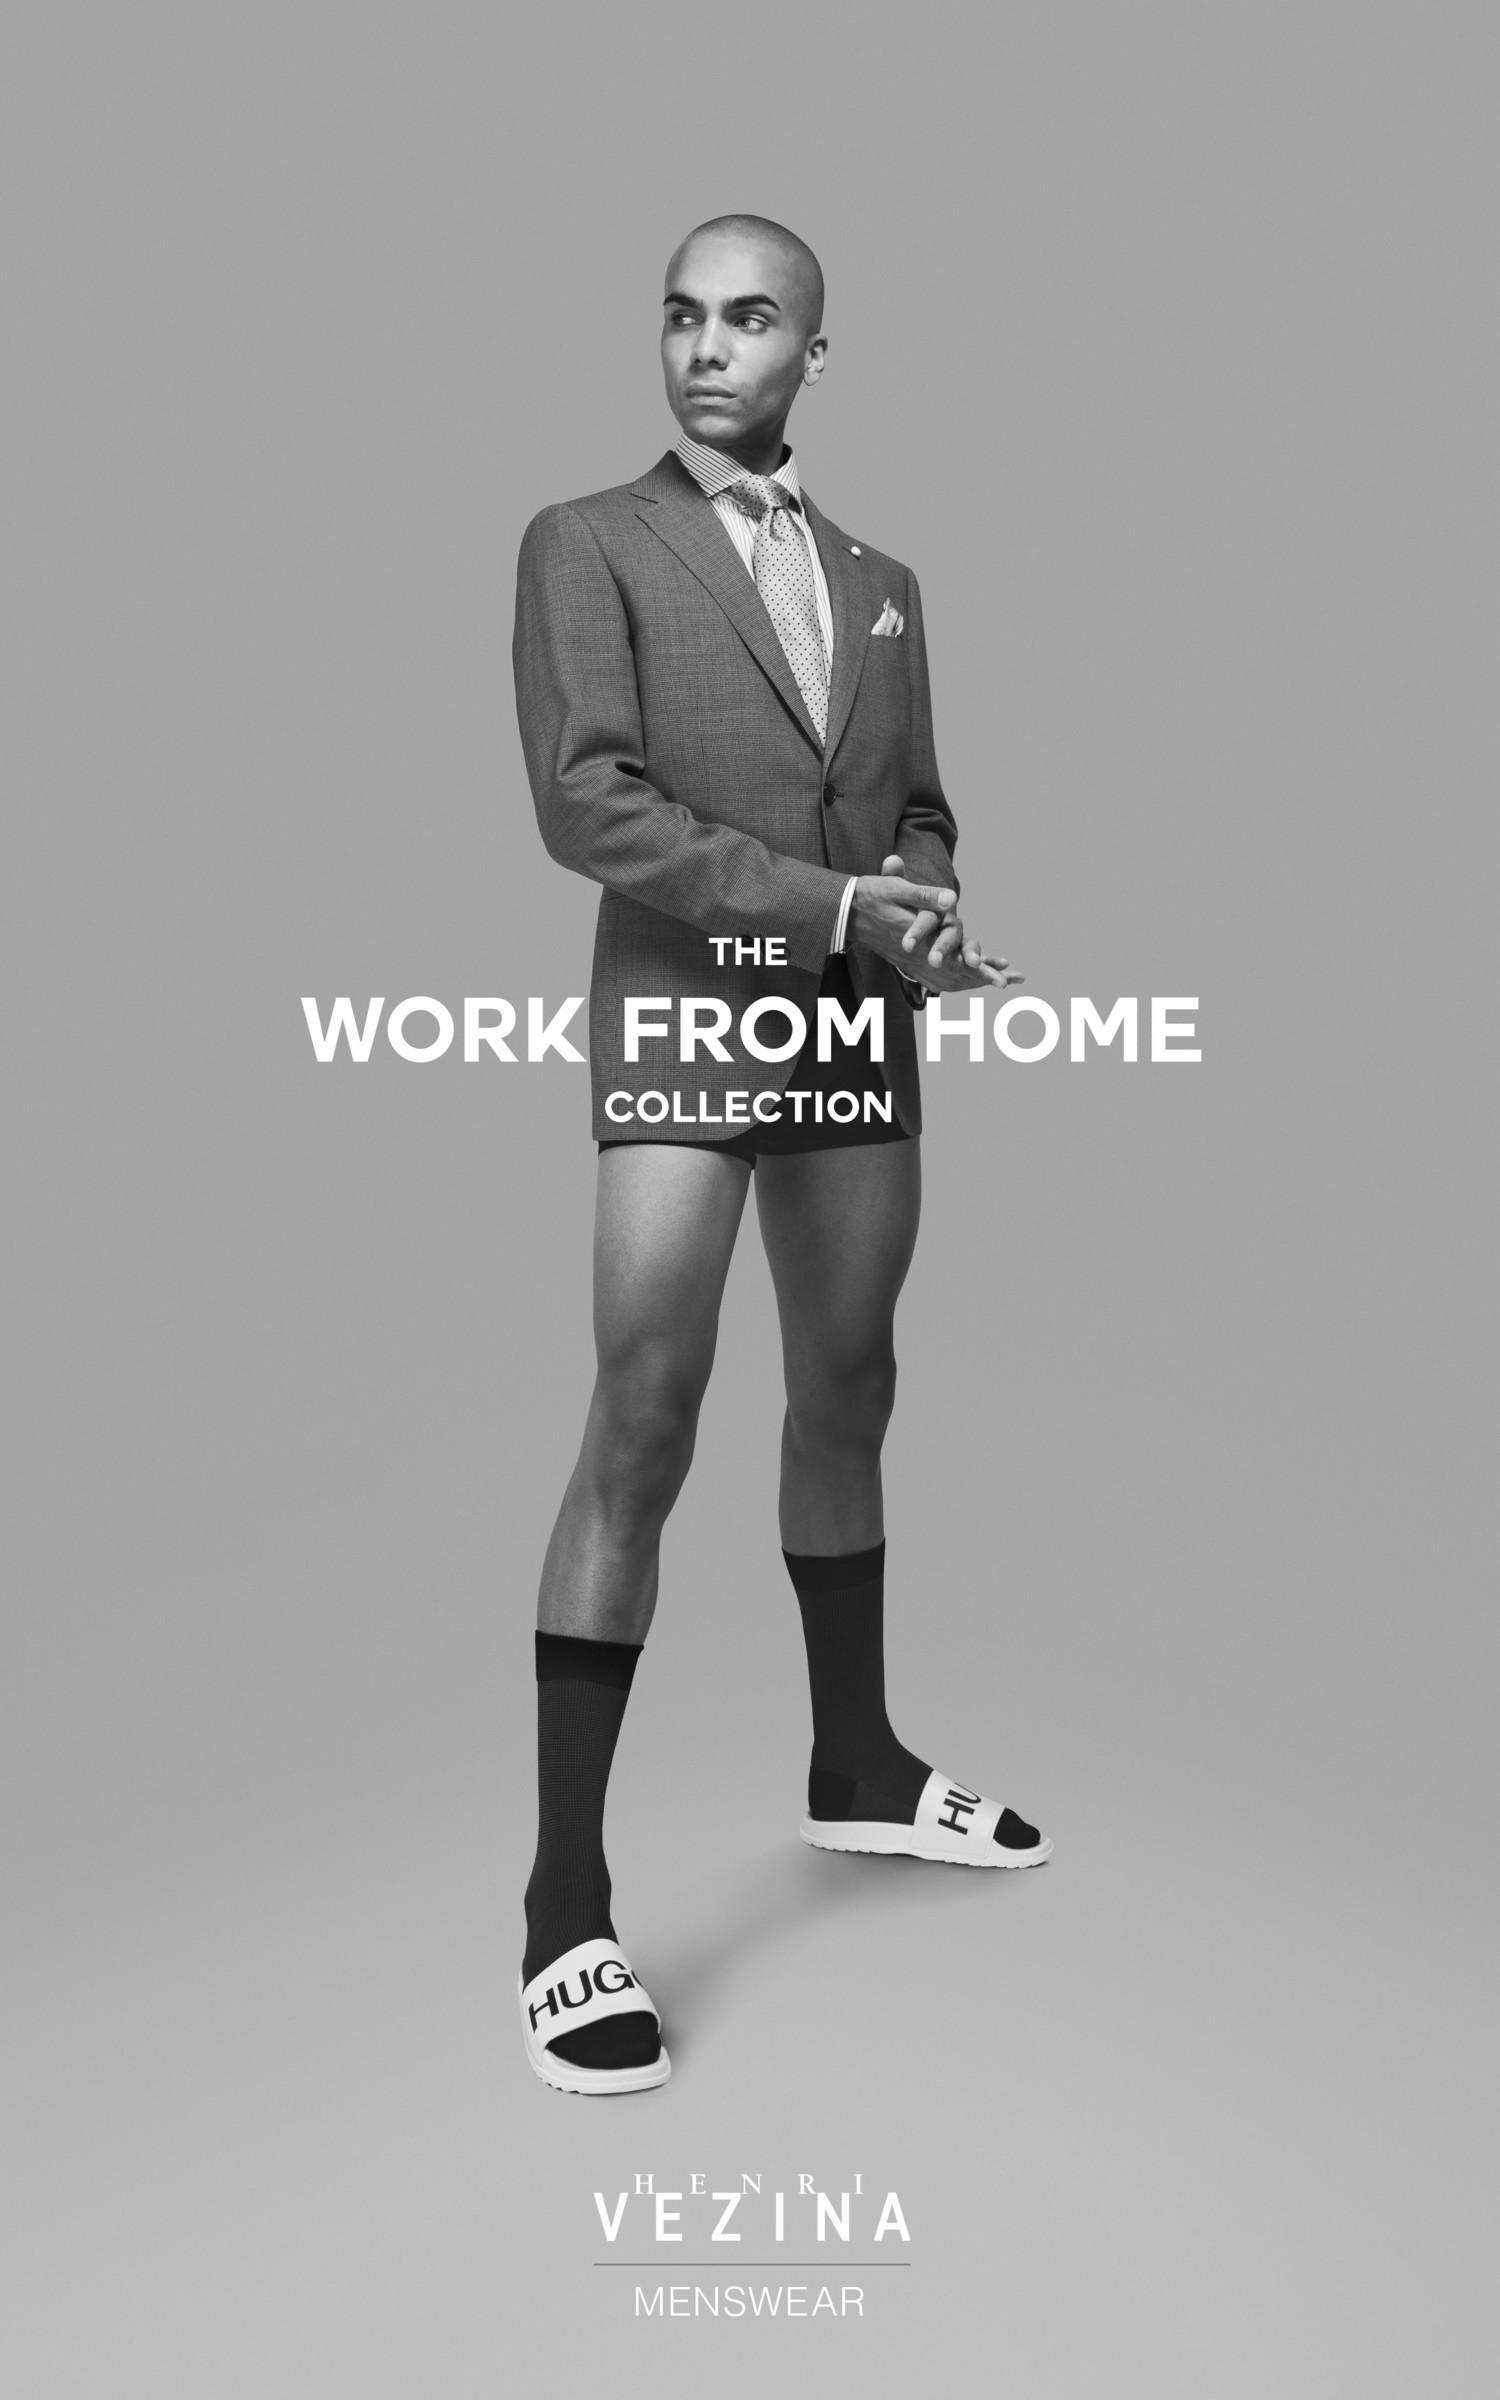 Канадский бренд Henri Vézina представил коллекцию одежды для работы из дома - фото 3